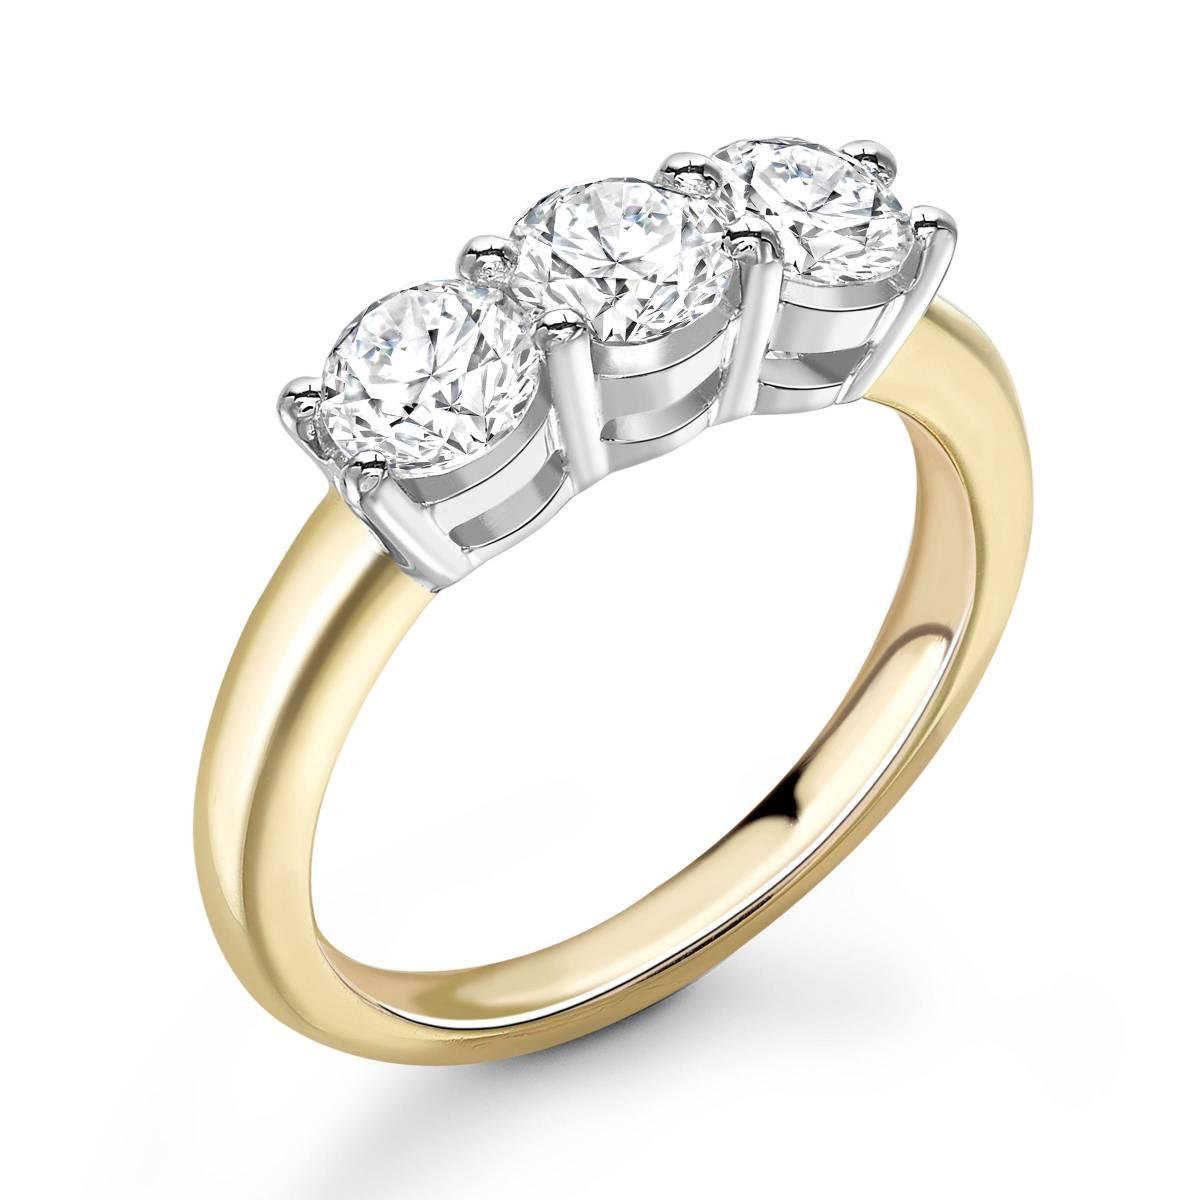 Jewels by Christiaan Van Bignoot - House of Weddings - 8